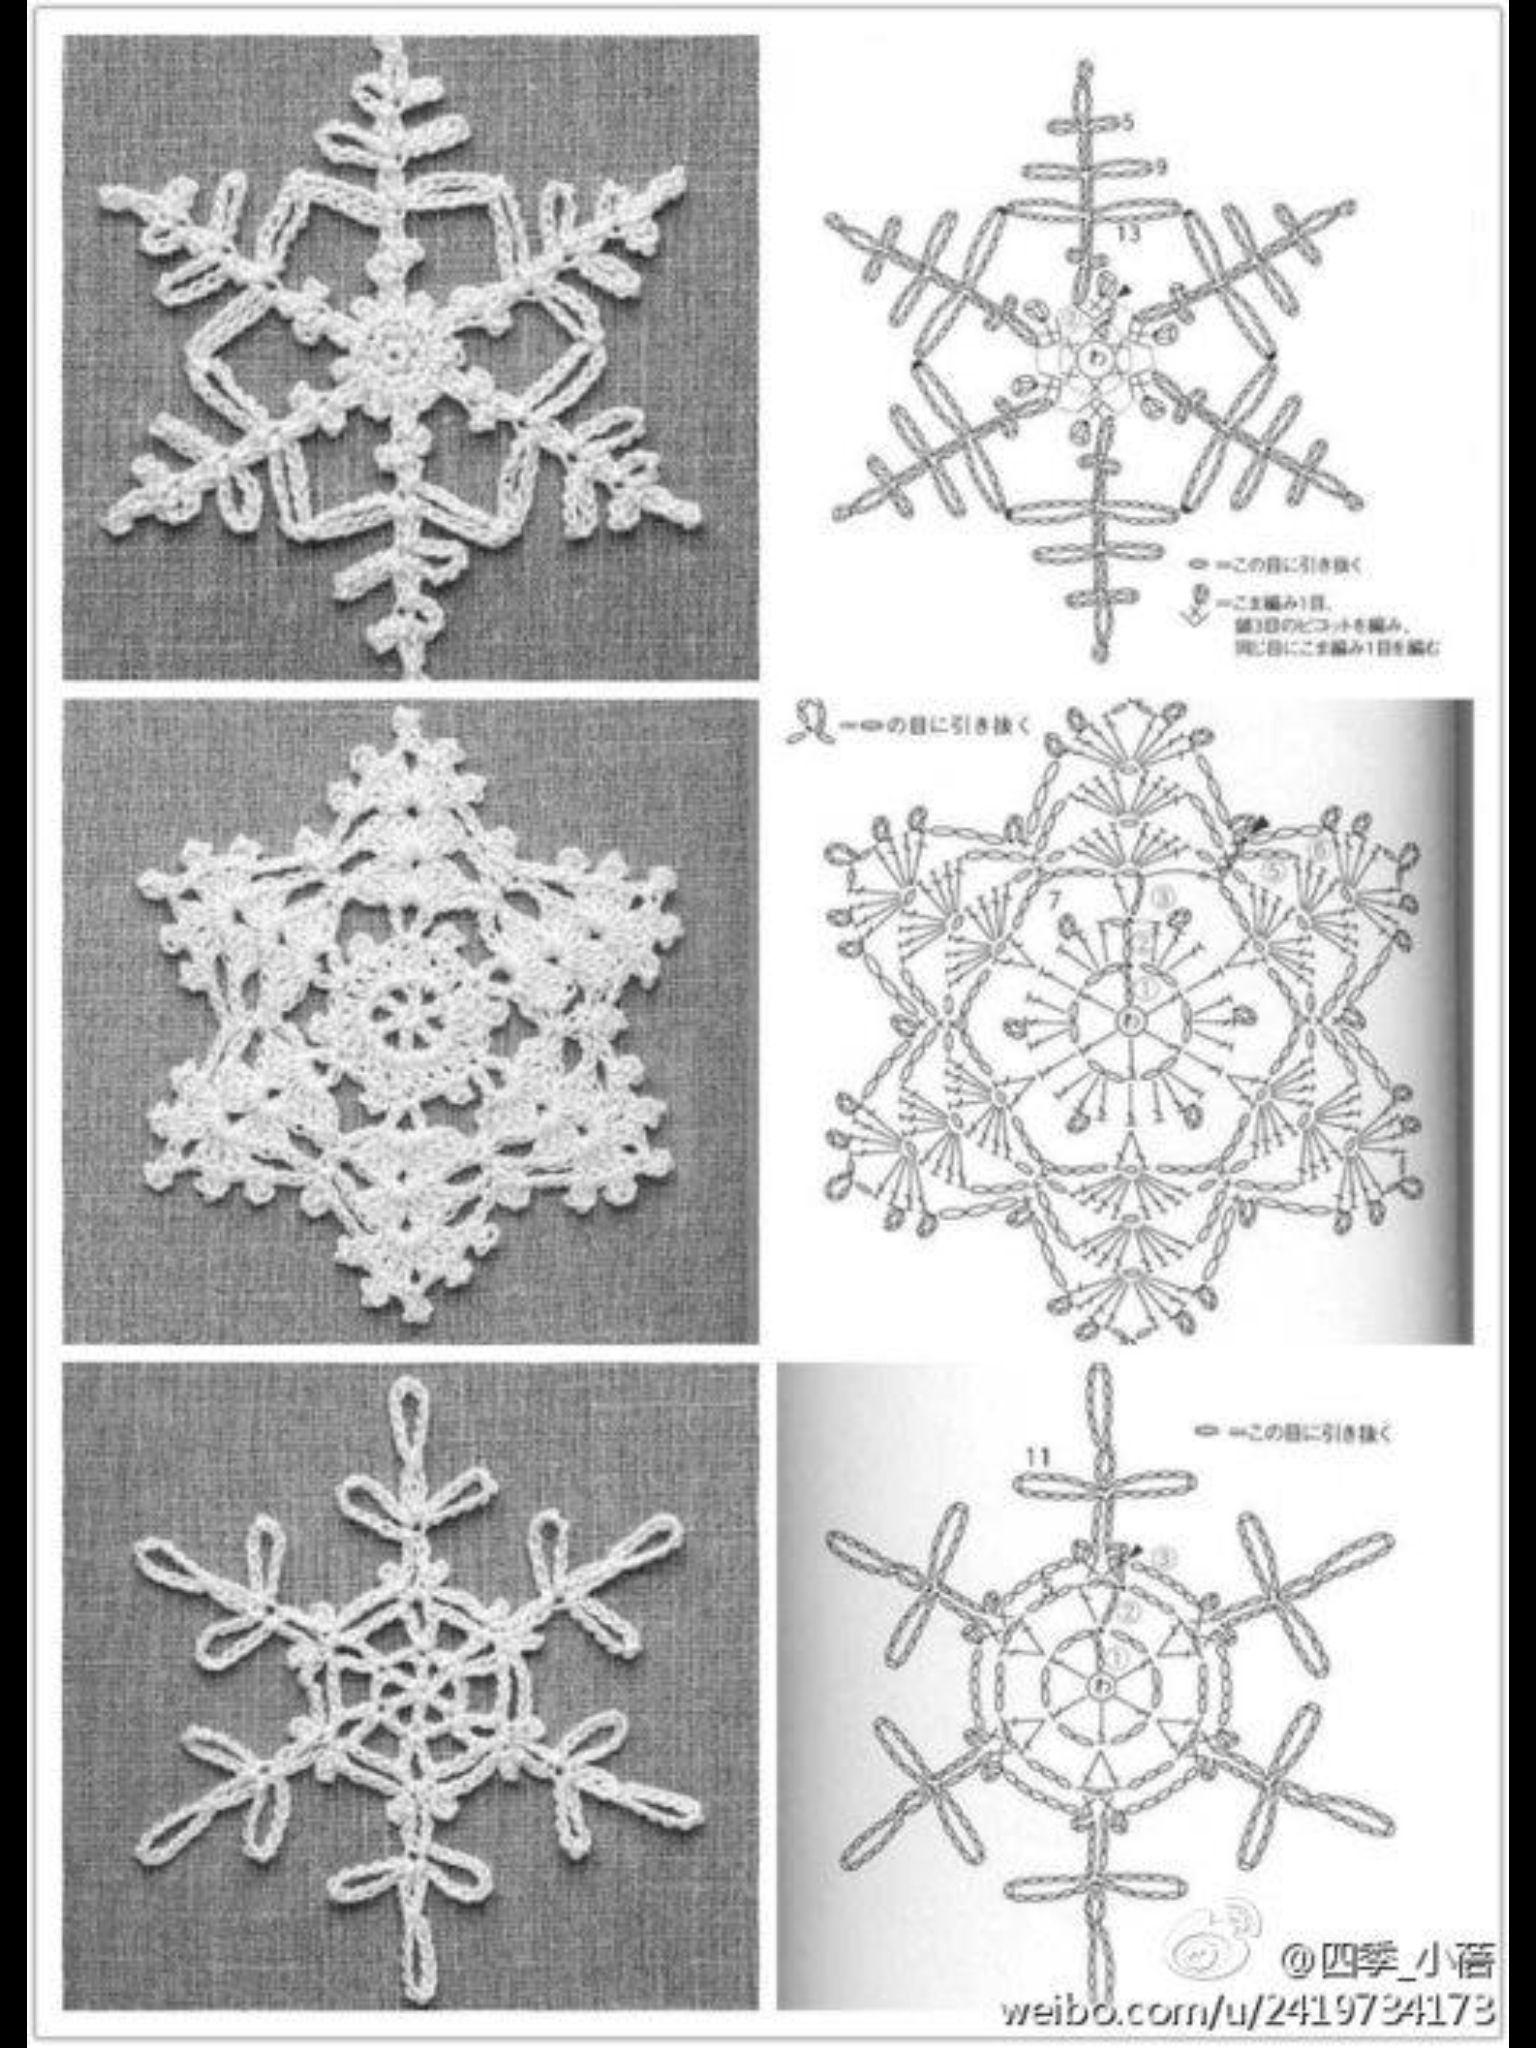 Snøkrystaller | Christmas ideas | Pinterest | Nieve, Ganchillo y Navidad